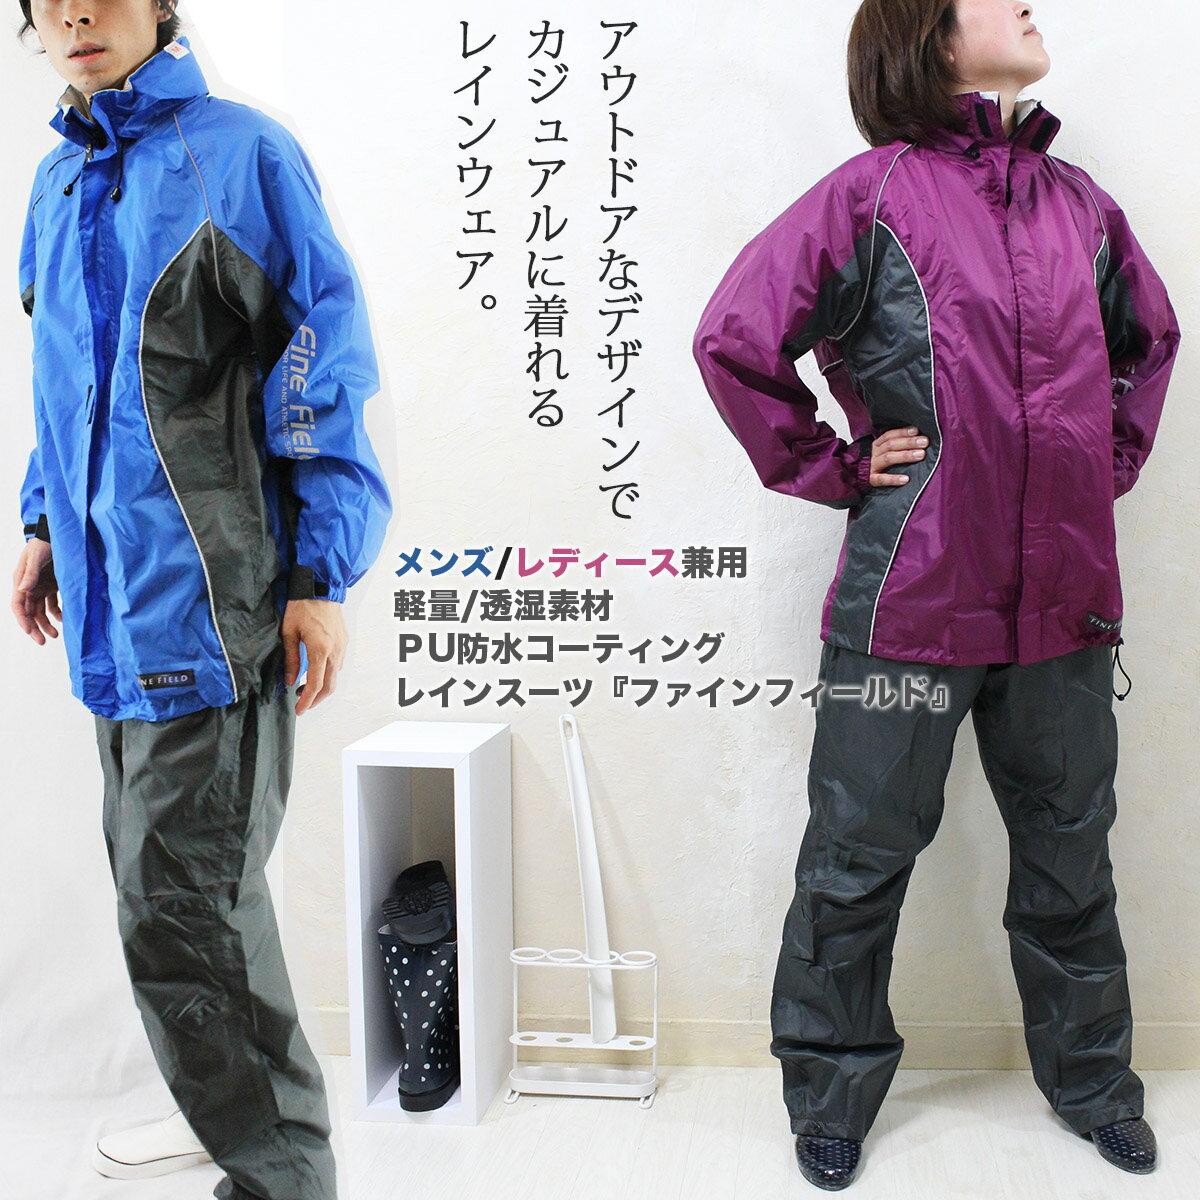 【送料無料】【軽量・透湿素材】ファインフィールド レインスーツ[上下セット]レインウェア レディース/メンズ兼用[マゼンタ/ブルー][S/M/L/LL/3L/4L]PU防水コーティング/雨具/カッパ